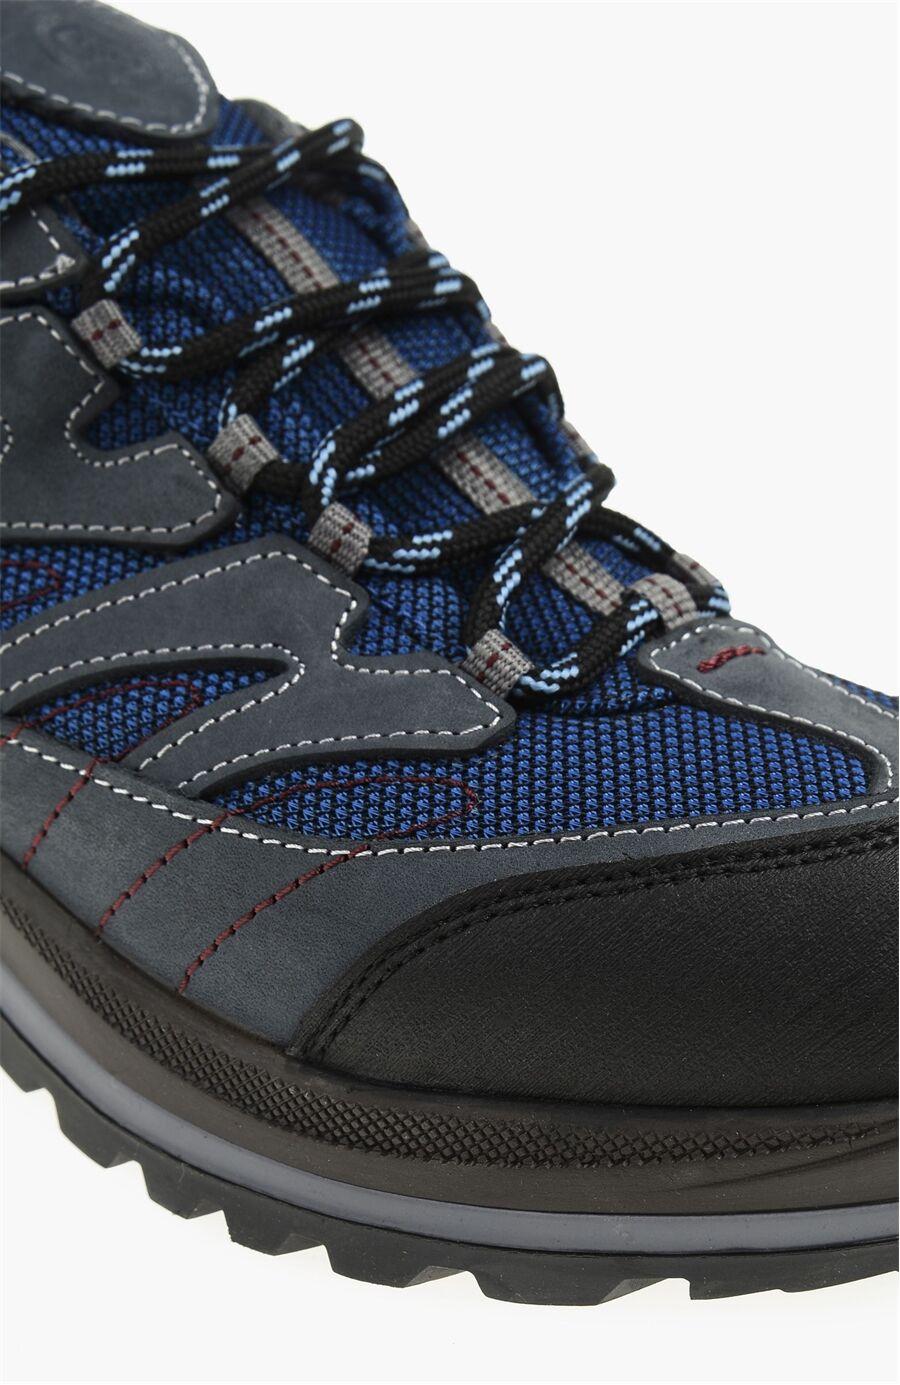 Saks Erkek Ayakkabı